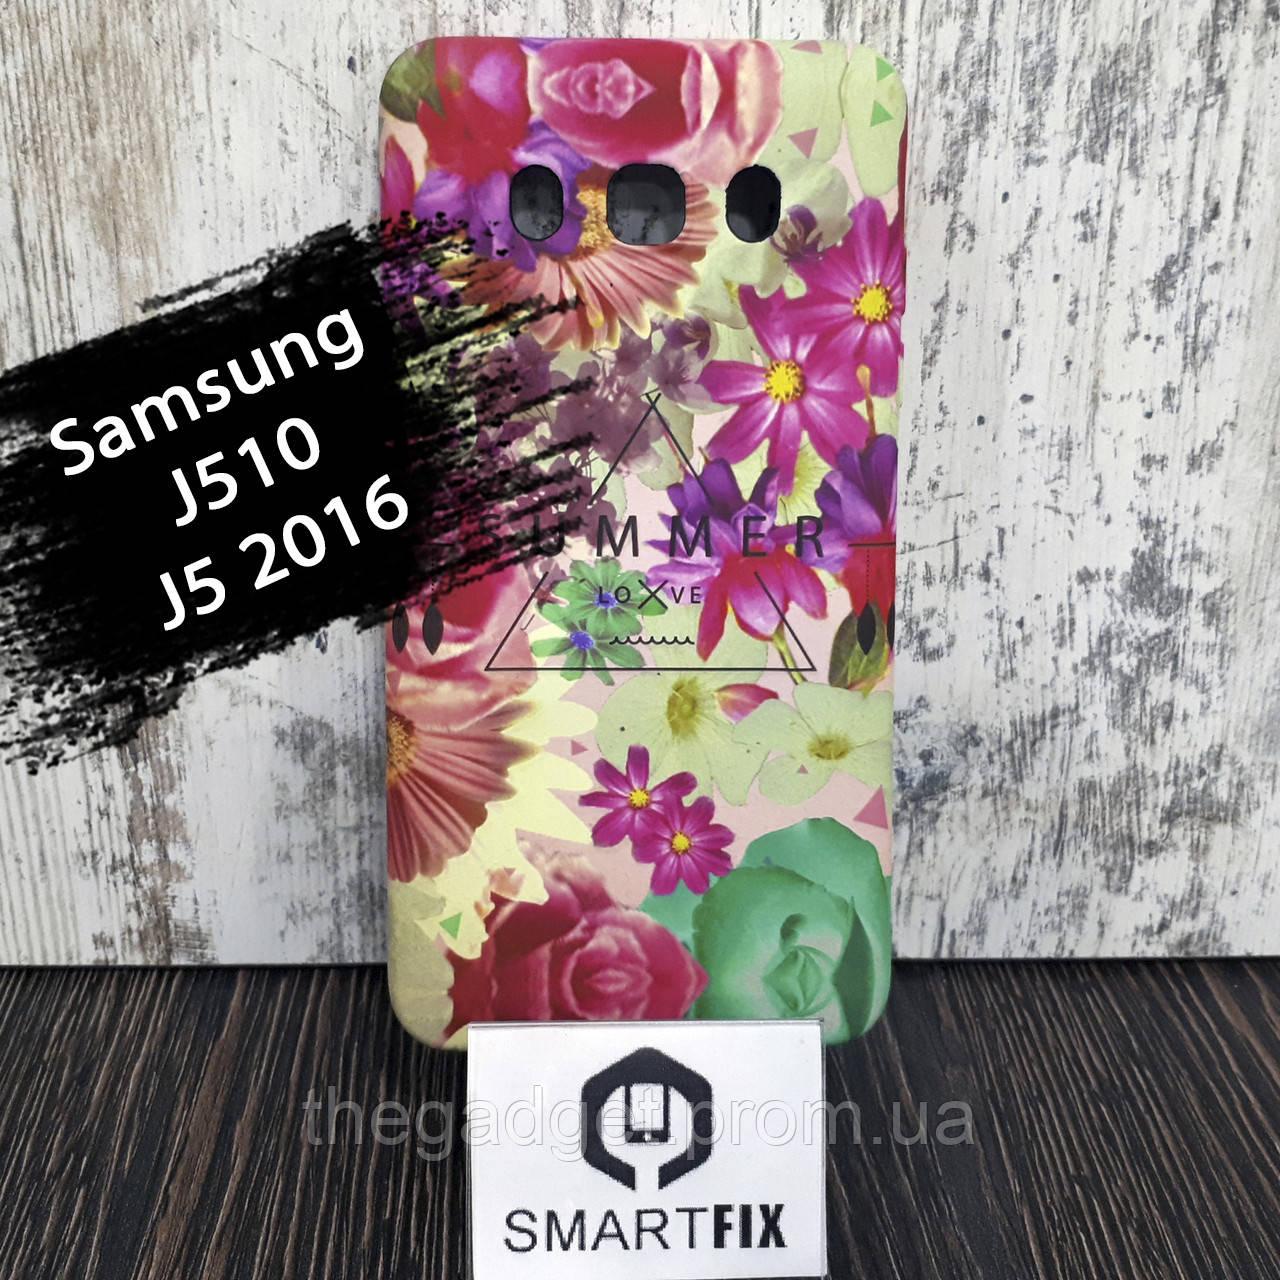 Чехол с рисунком для Samsung J510 (J5) 2016 Лето